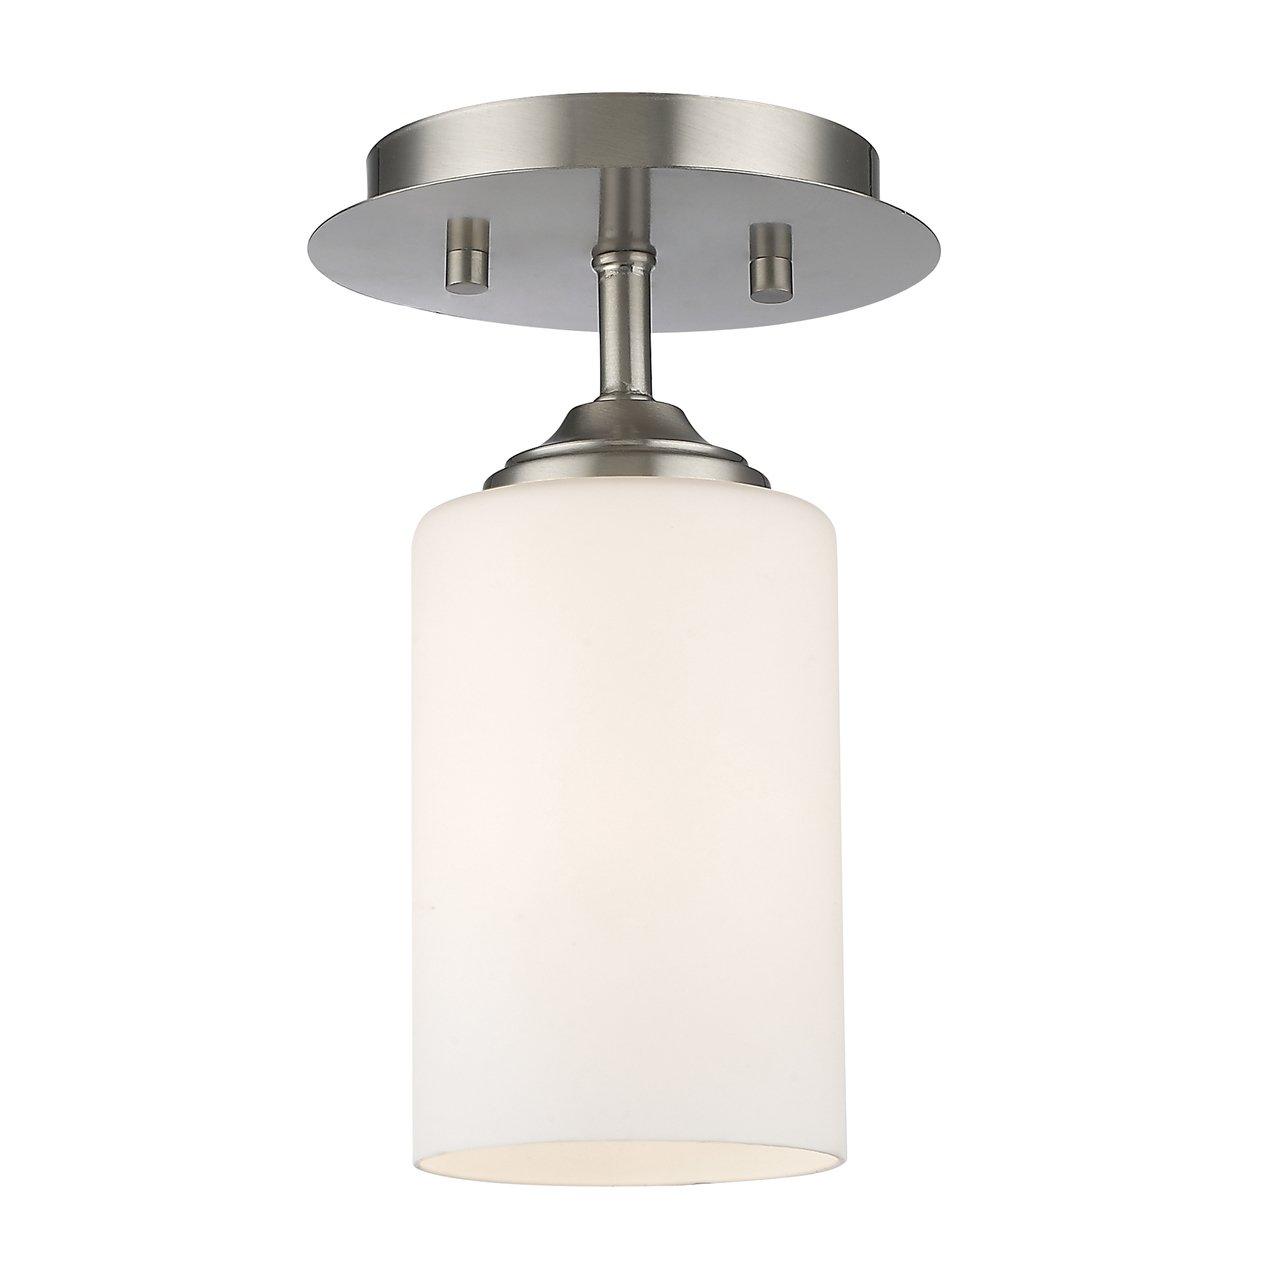 Z-Lite 435F1-BN 1 Light Flush Mount